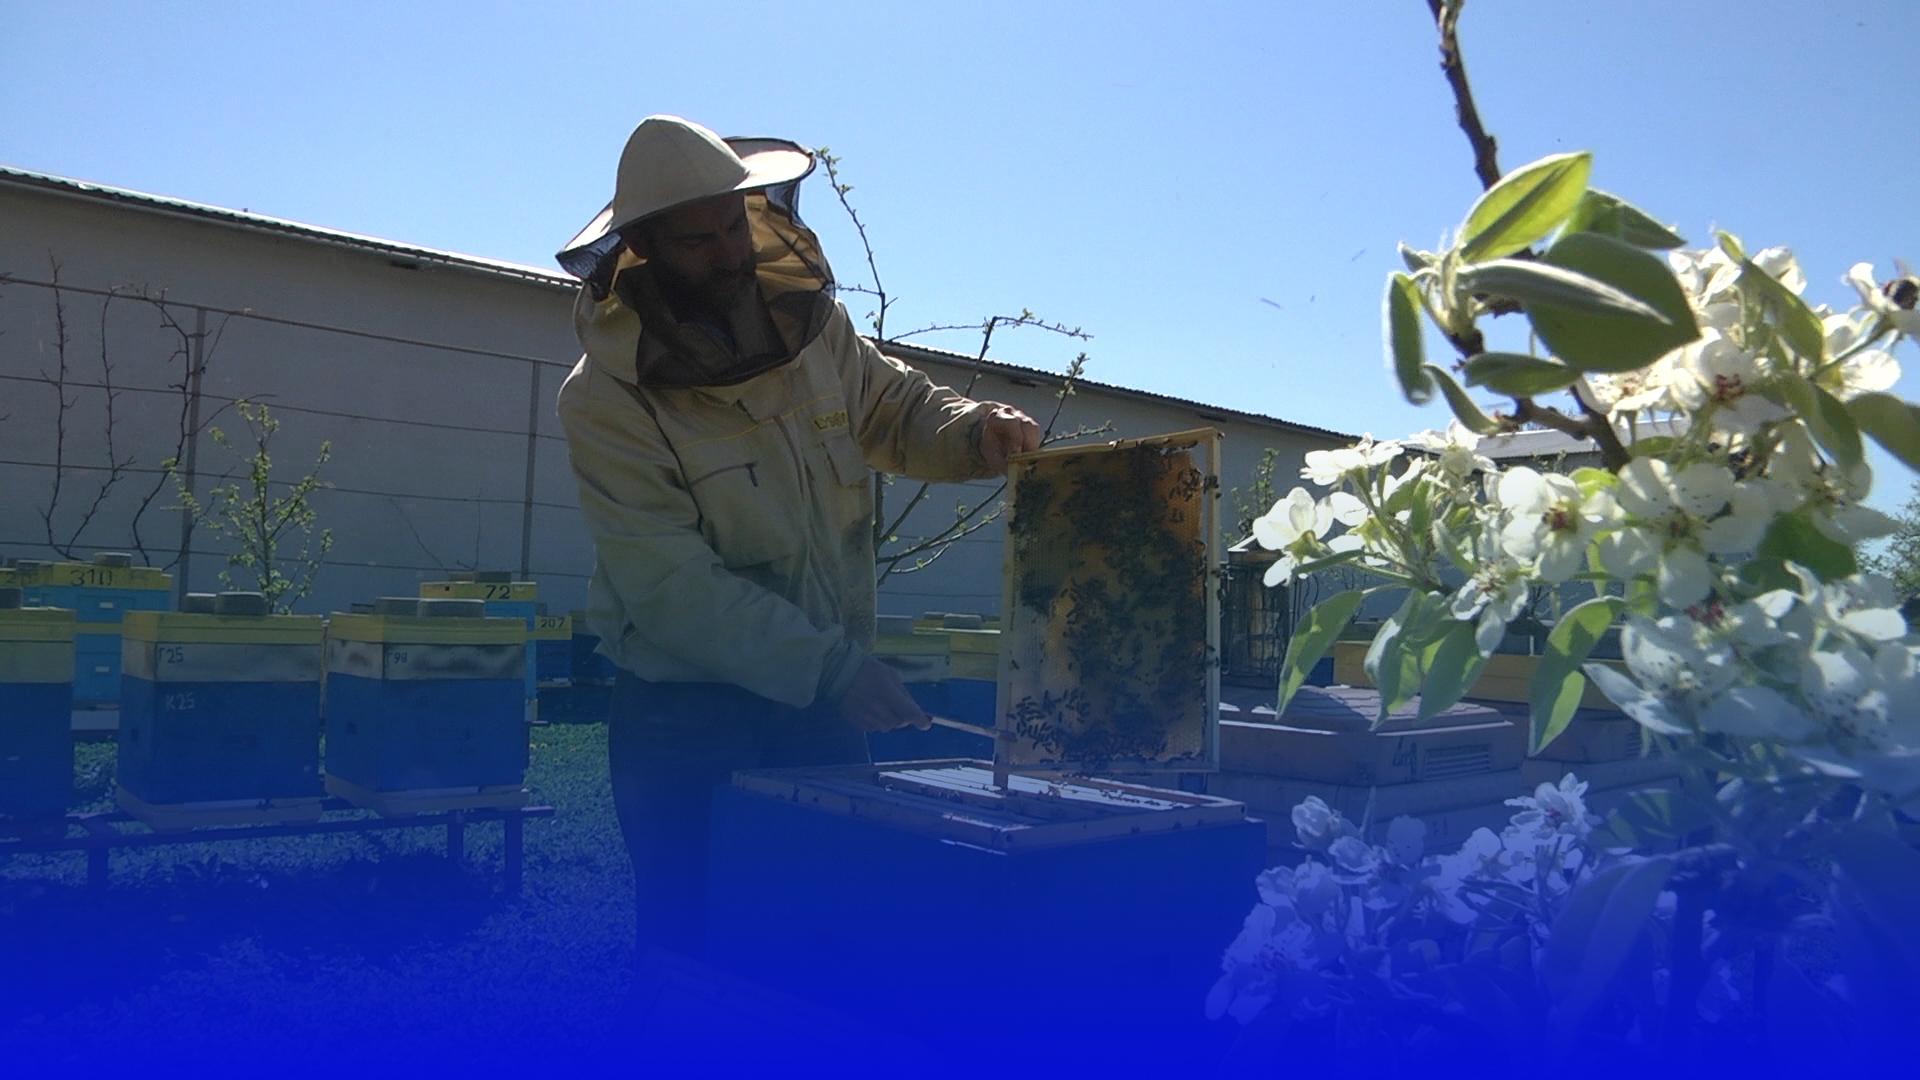 На Тернопільщині розпочали сезон окроплення полів: що варто знати пасічникам, аби вберегти бджіл